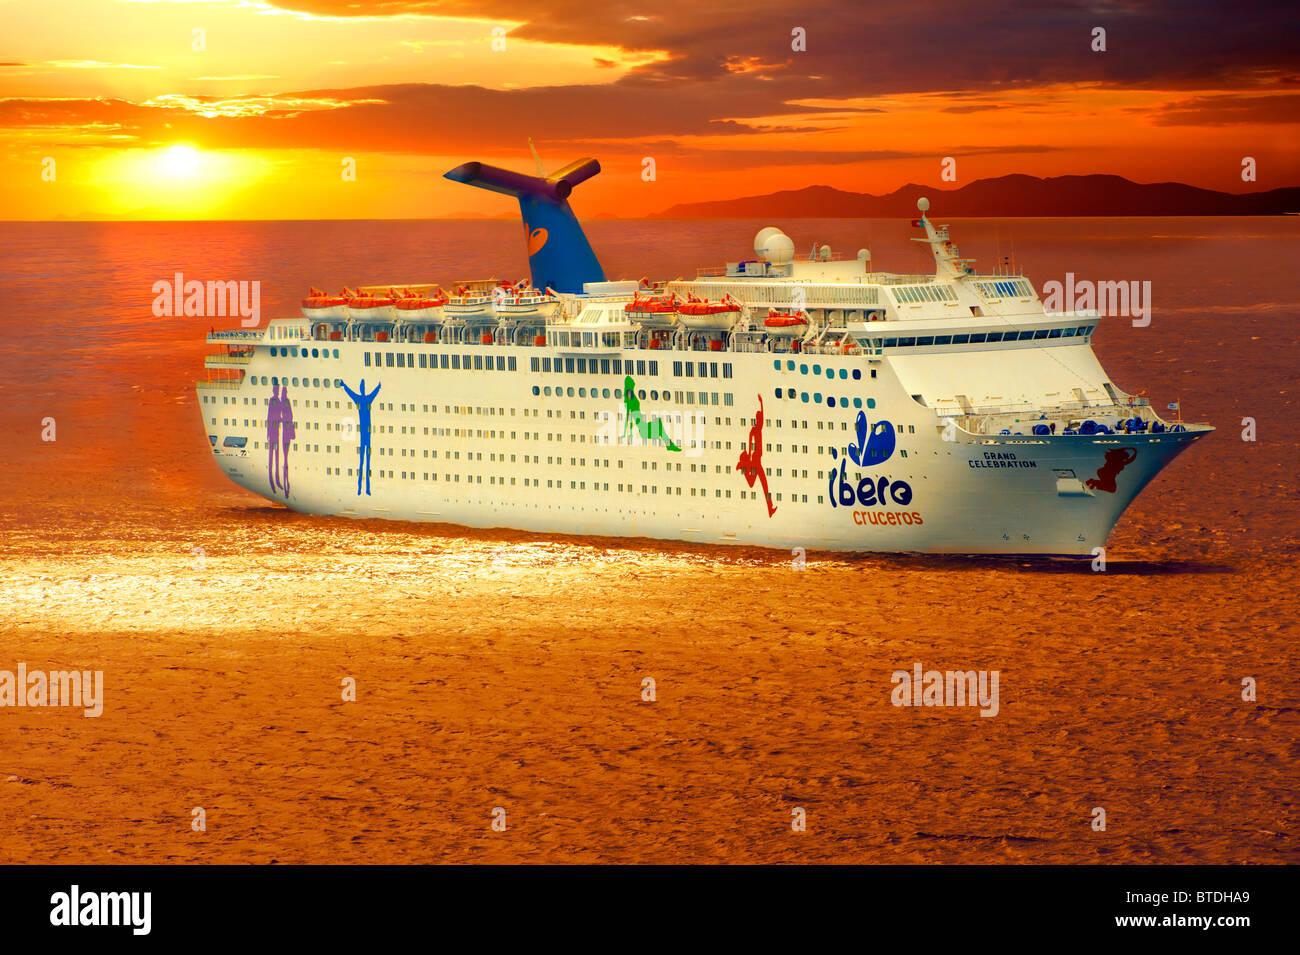 Los íberos de líneas de crucero Grand Celebration off al atardecer, Mykonos Cyclades, Grecia Islads Imagen De Stock